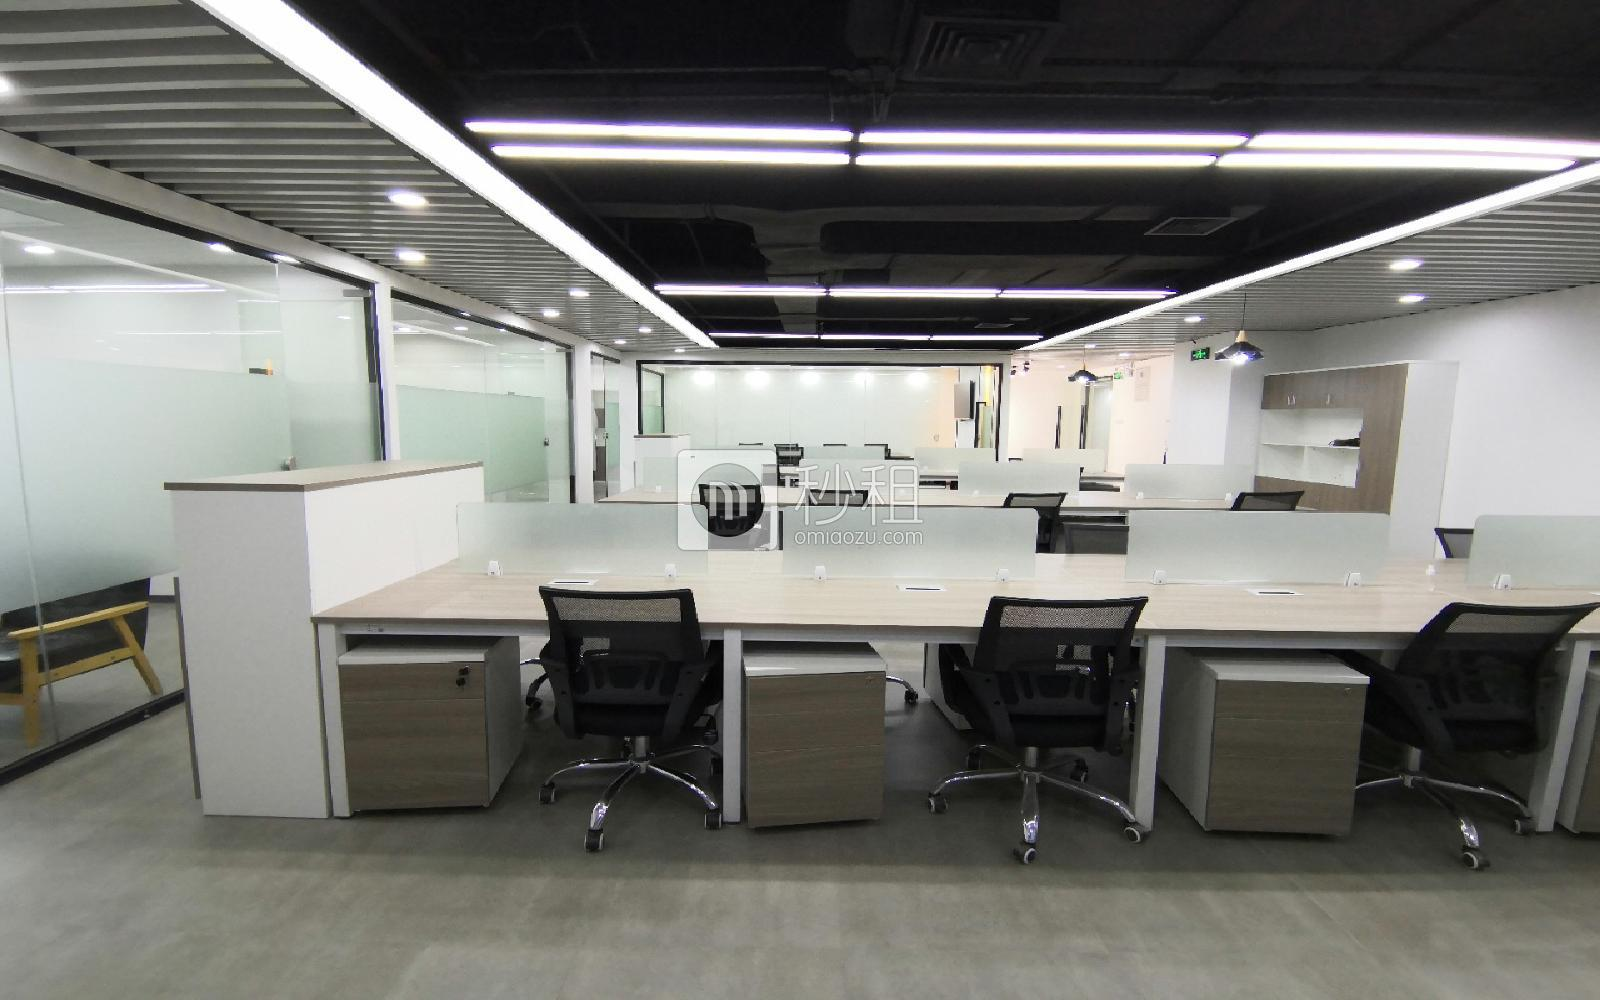 南山-科技园 深圳湾科技生态园(二期) 350m²